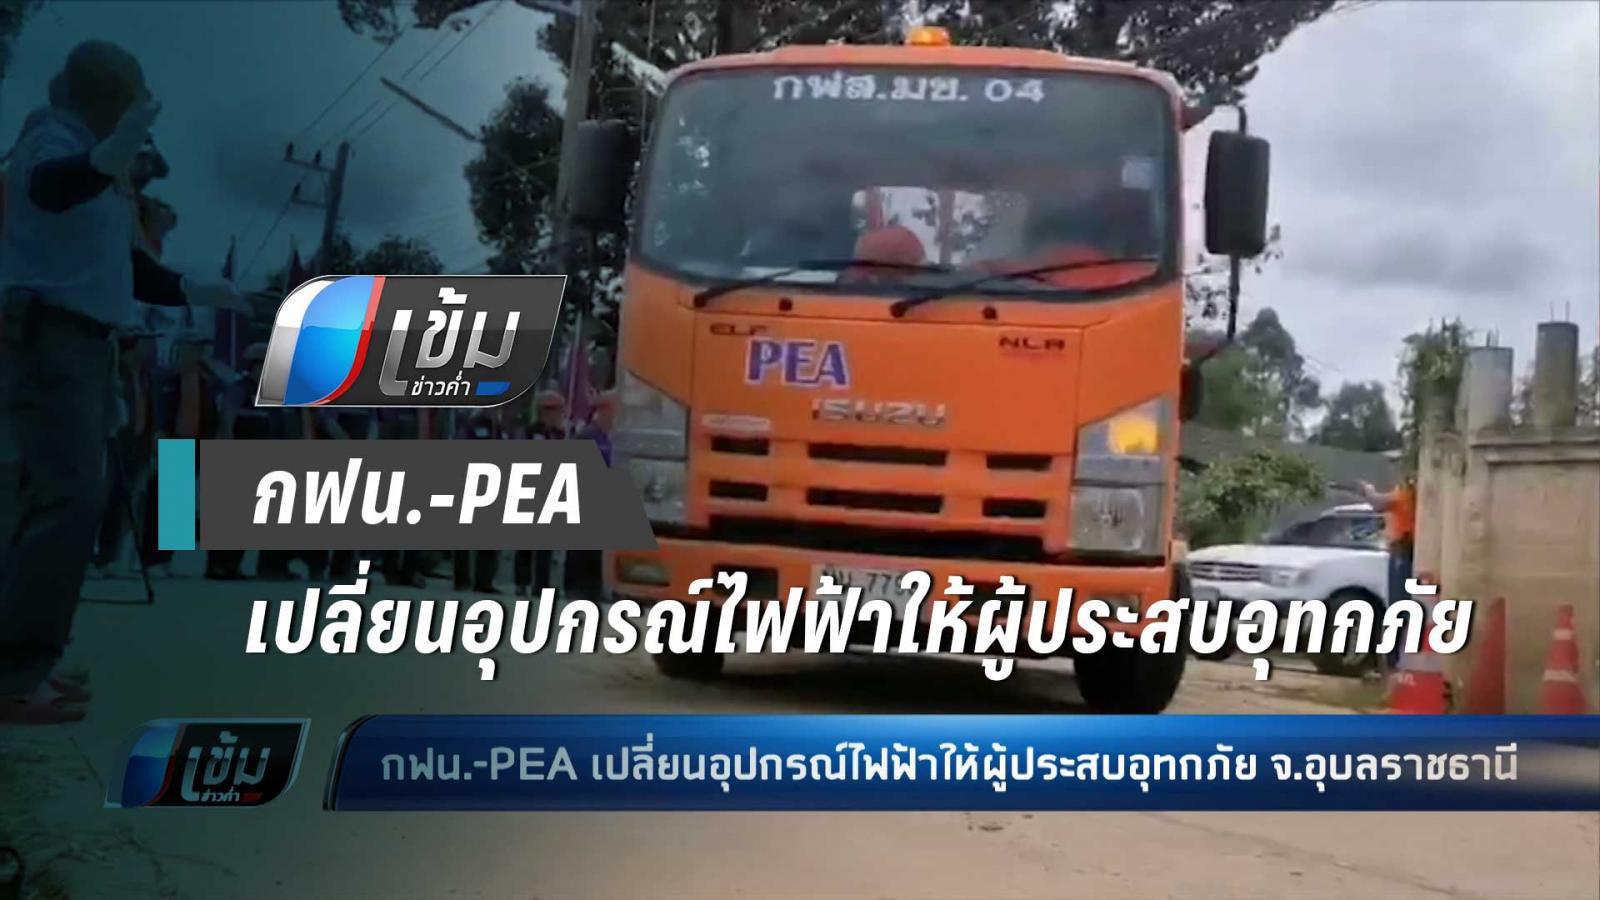 กฟน. - PEA ลงพื้นที่อุบลฯ เปลี่ยนอุปกรณ์ไฟฟ้า ให้ผู้ประสบอุทกภัย